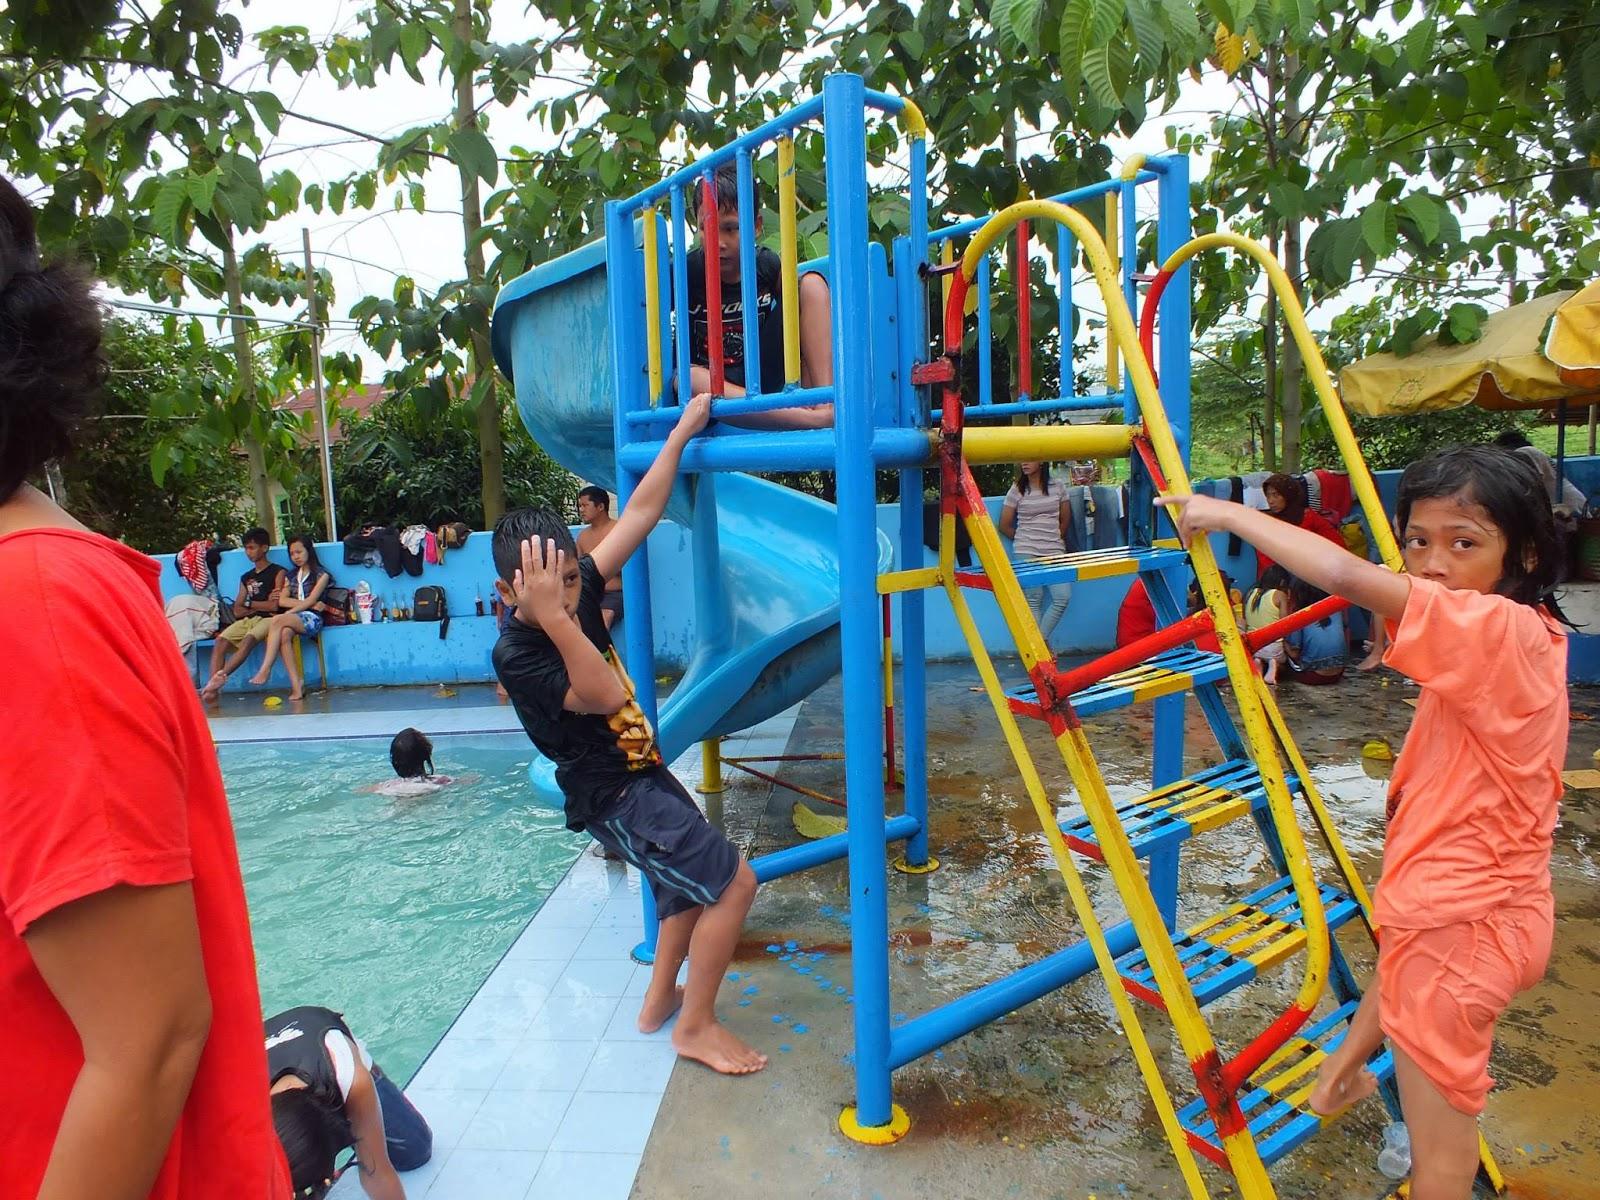 Wahana Waterpark Medan Patut Kamu Kunjungi Share Berikan Pendapatmu Mora